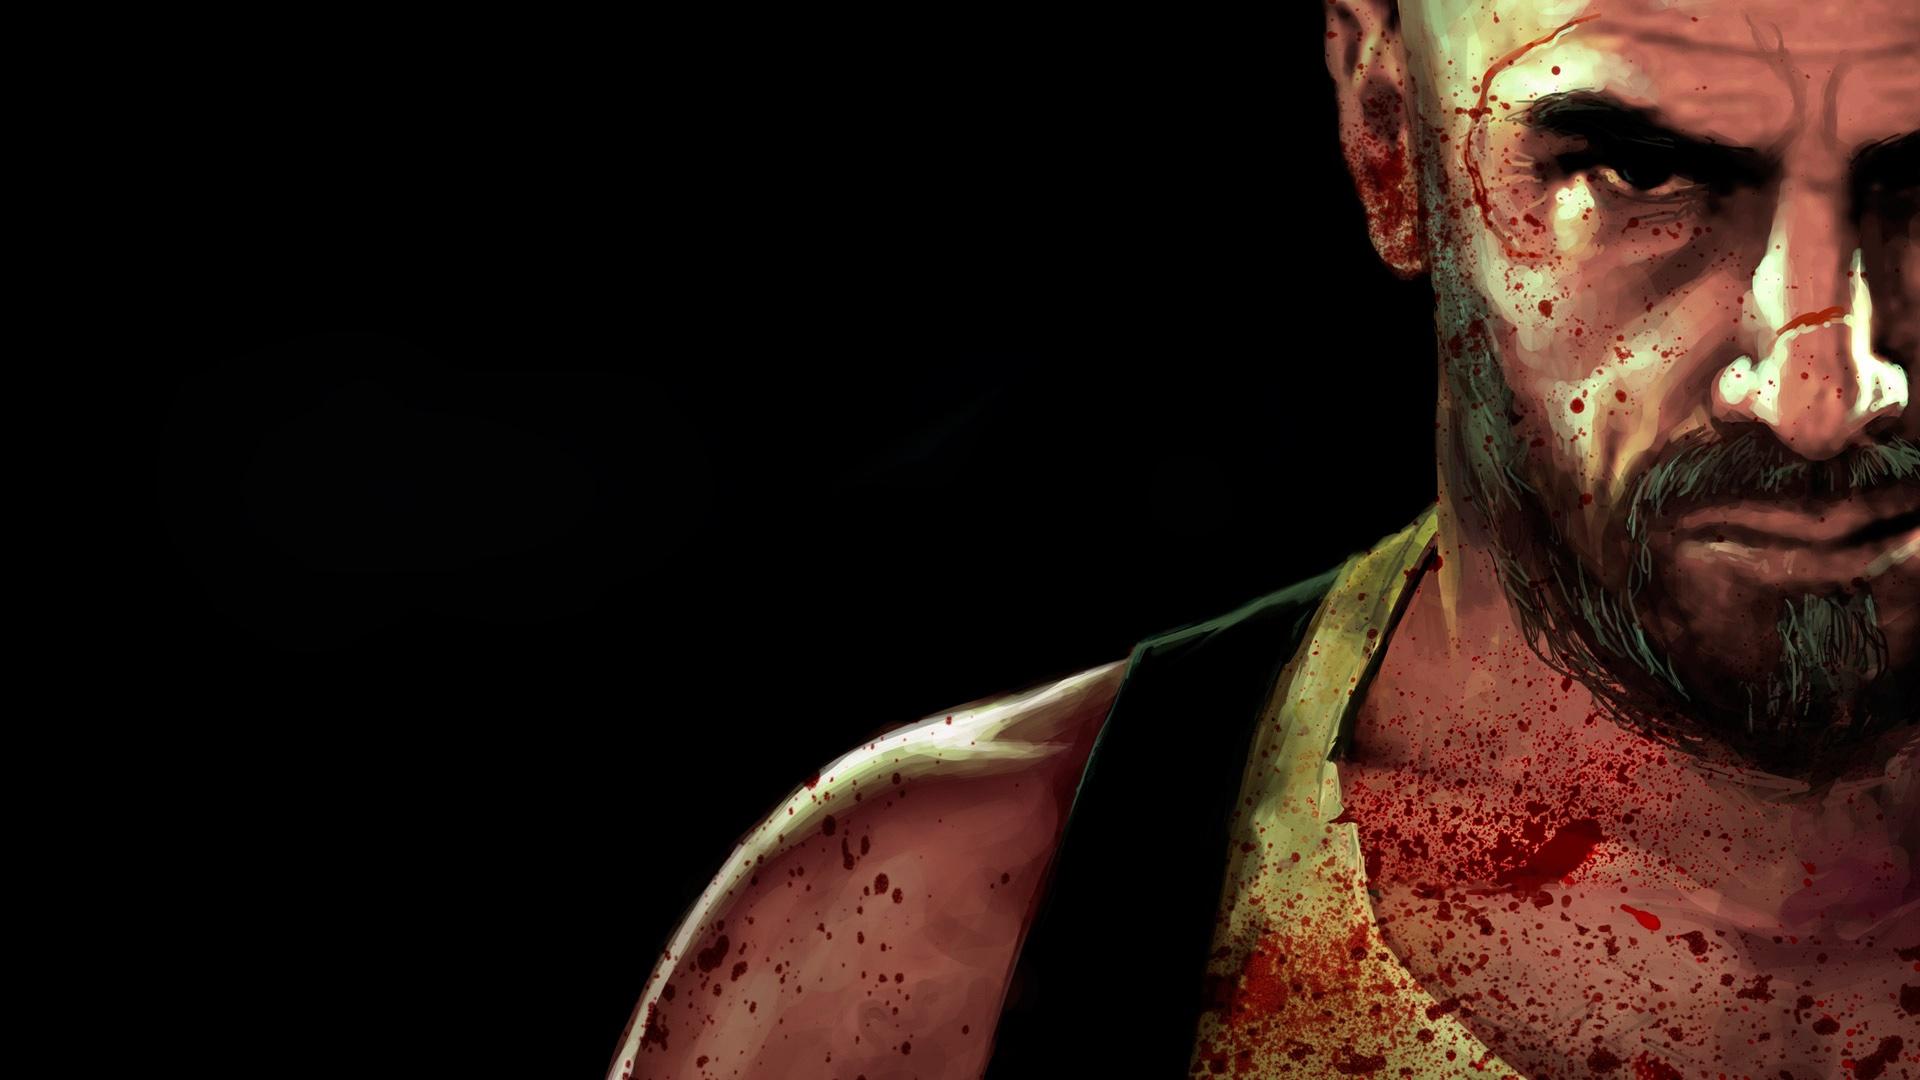 Anime Hd Wallpapers 1080p Fond D 233 Cran Hd Max Payne 3 Visage Tach 233 E Images Et Photos